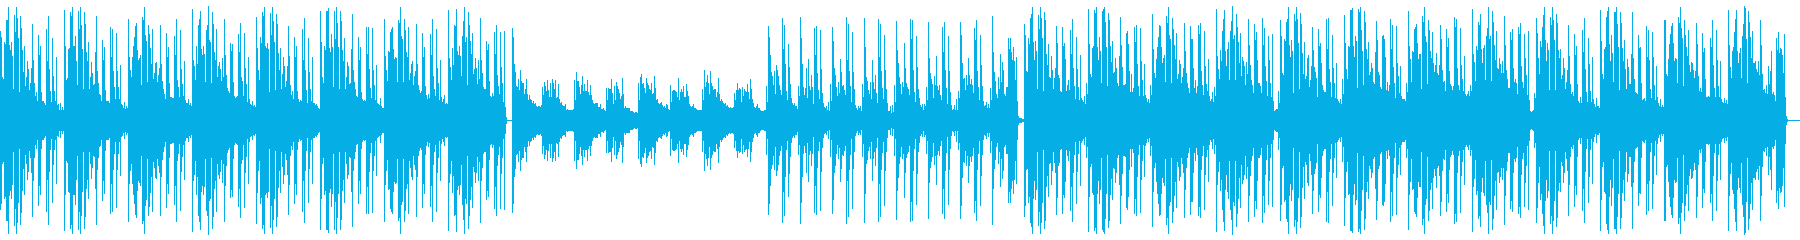 ミステリアスな夜をイメージした曲です。の再生済みの波形